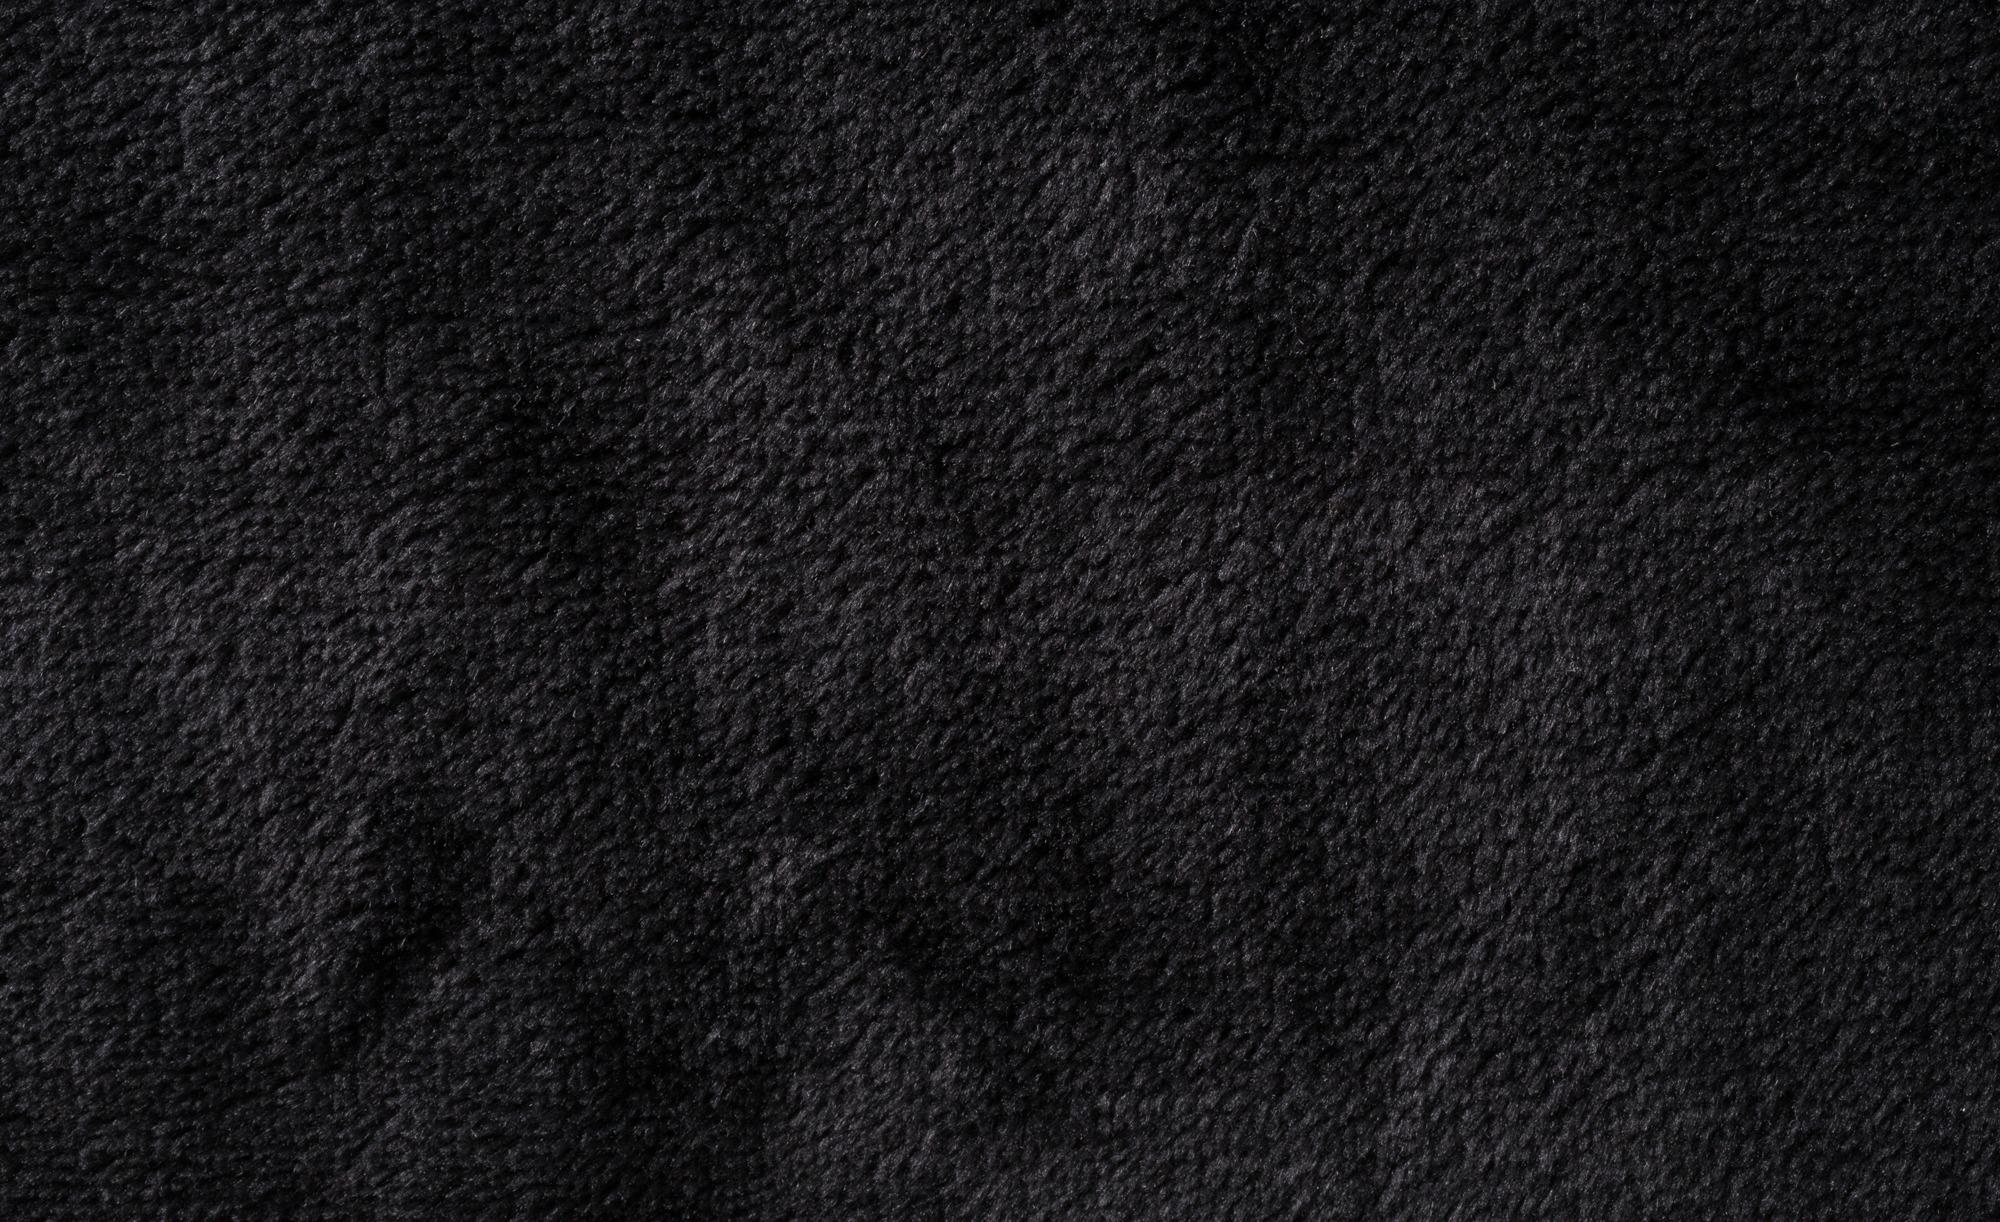 daunenbettdecke anna otto keller normal f llung 90 daunen 10 federn bezug 100 baumwolle. Black Bedroom Furniture Sets. Home Design Ideas